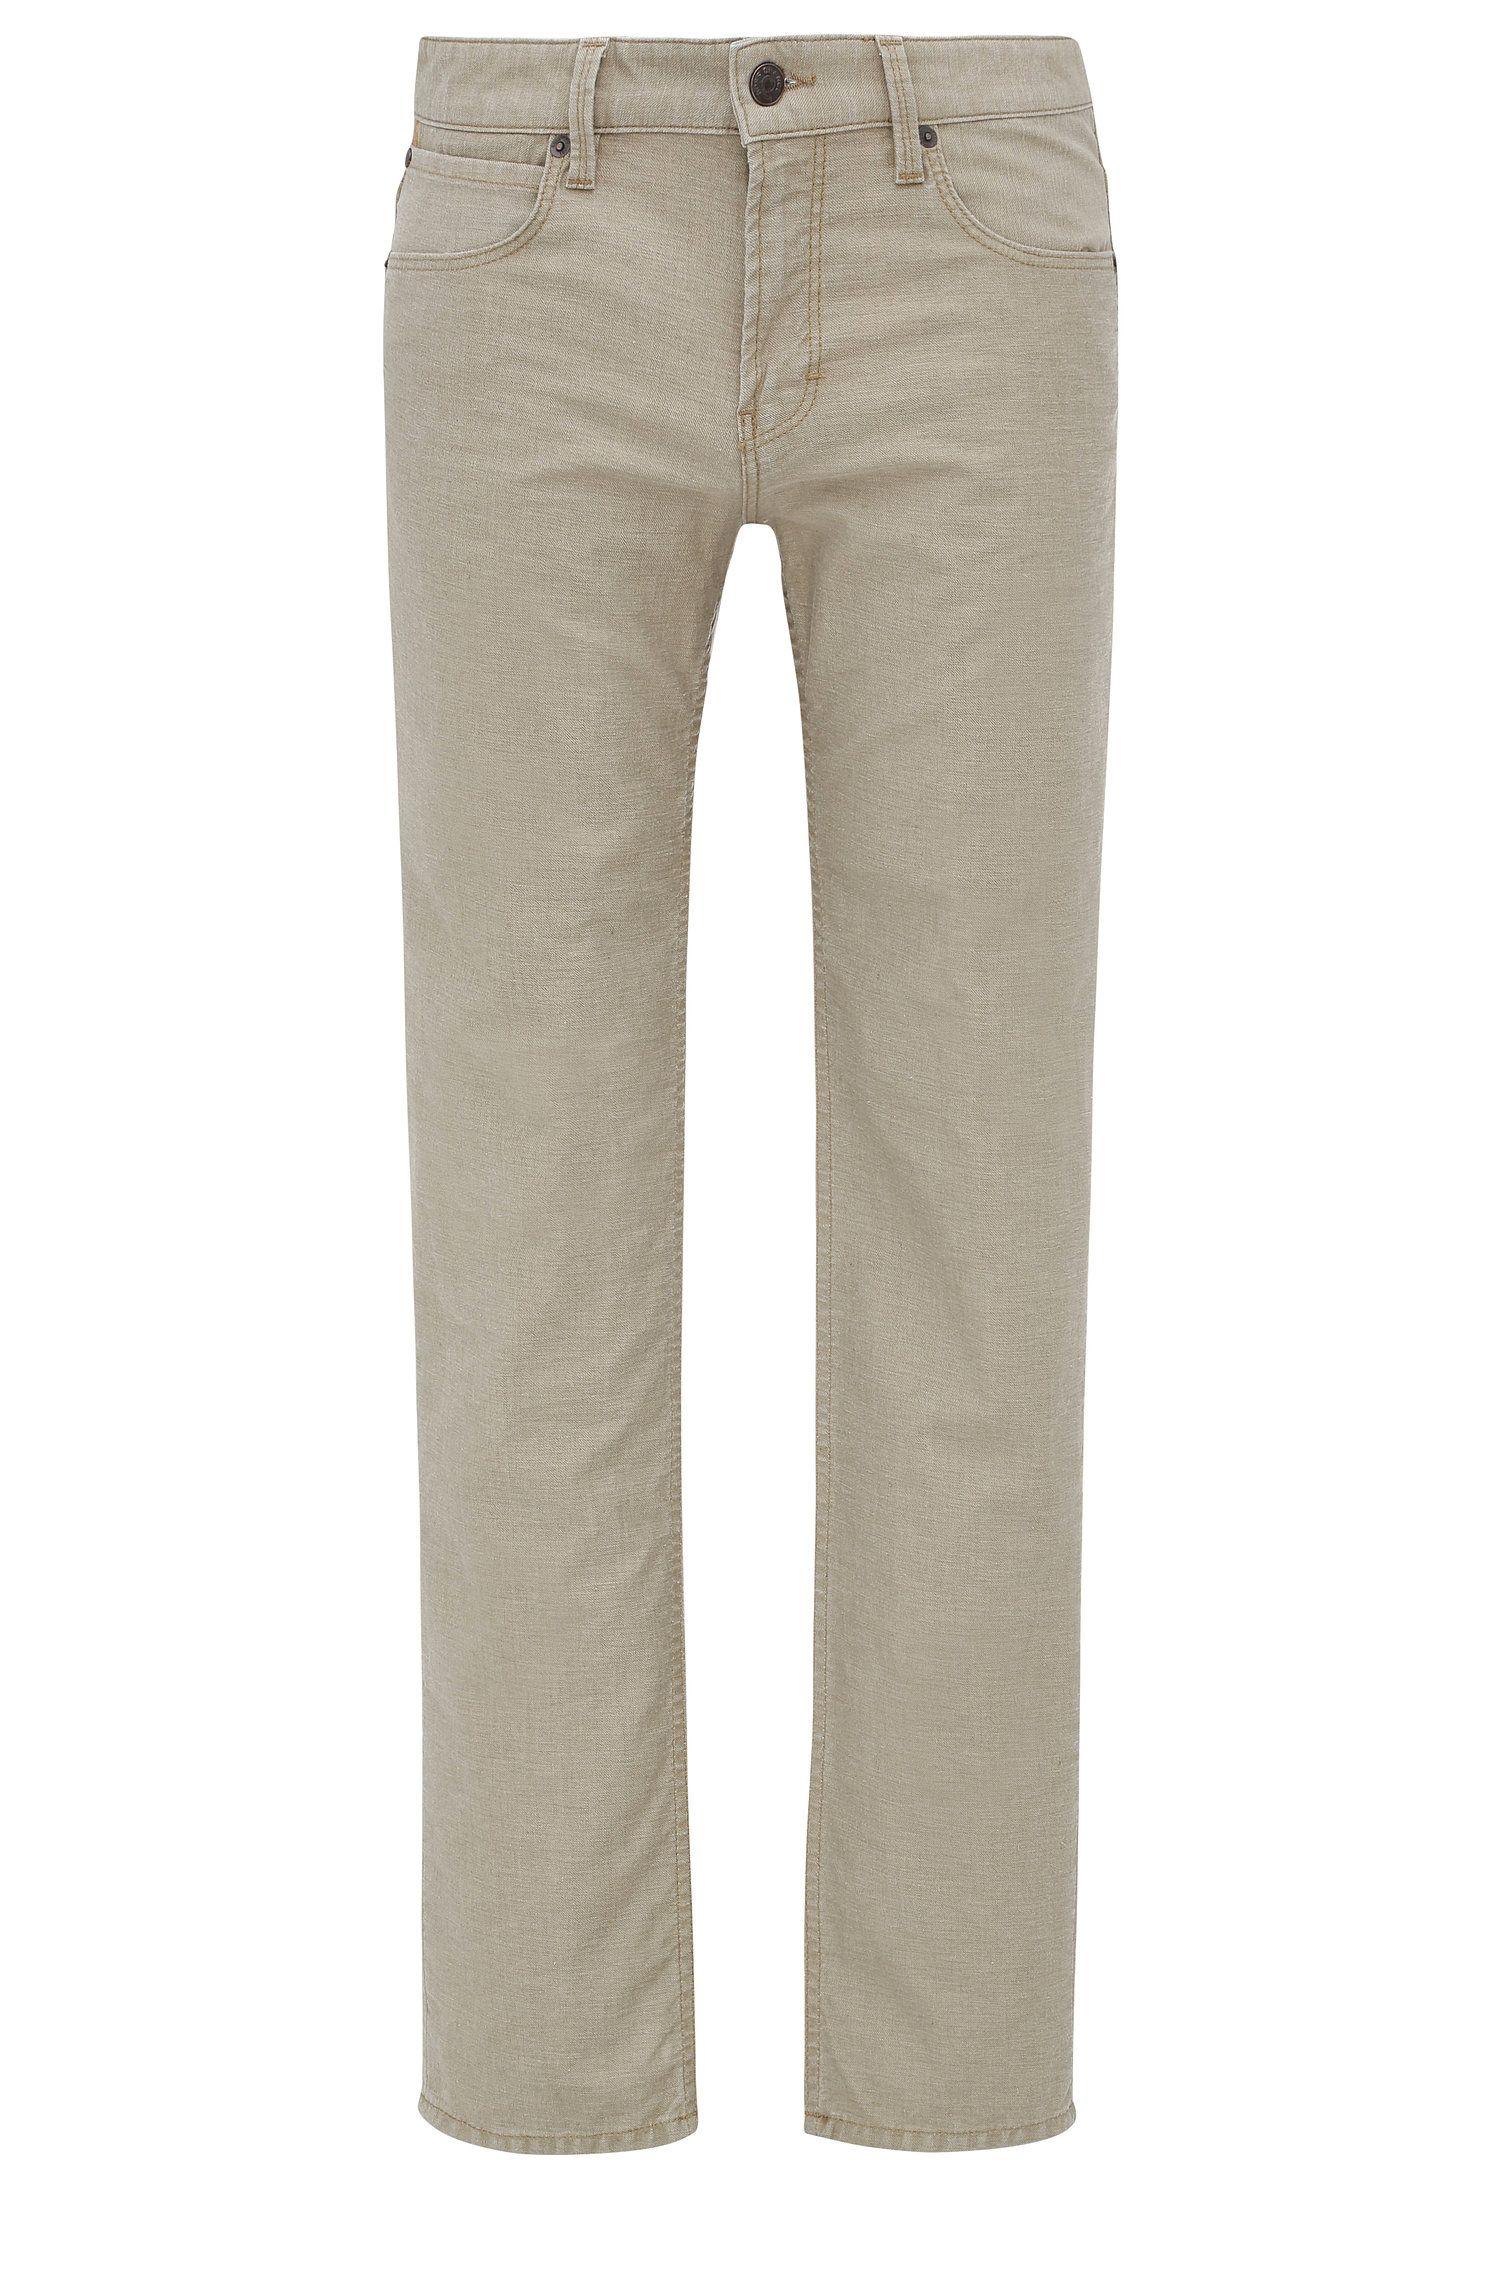 'Orange63 London' | Slim Fit, 8 oz Stretch Cotton Linen Jeans